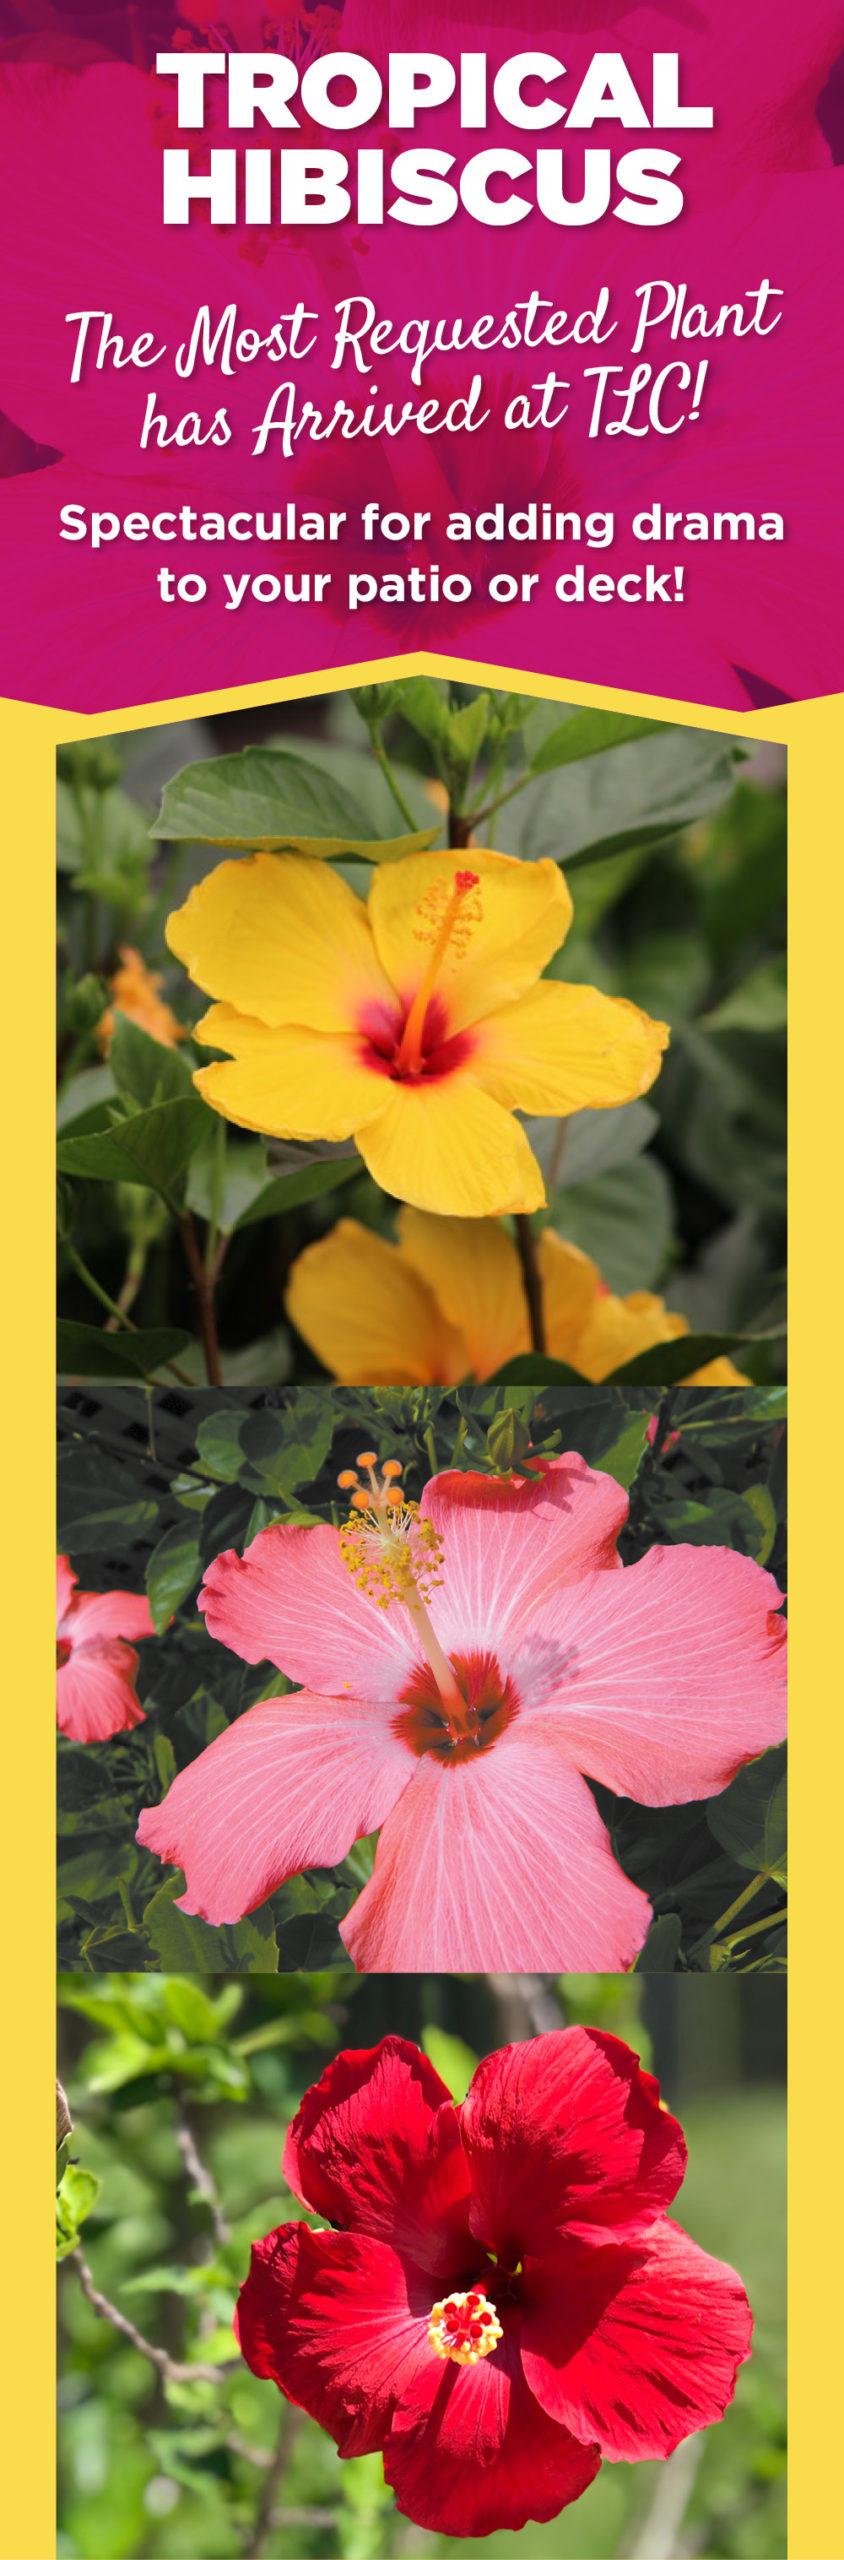 Hibiscus | TLC Garden Centers